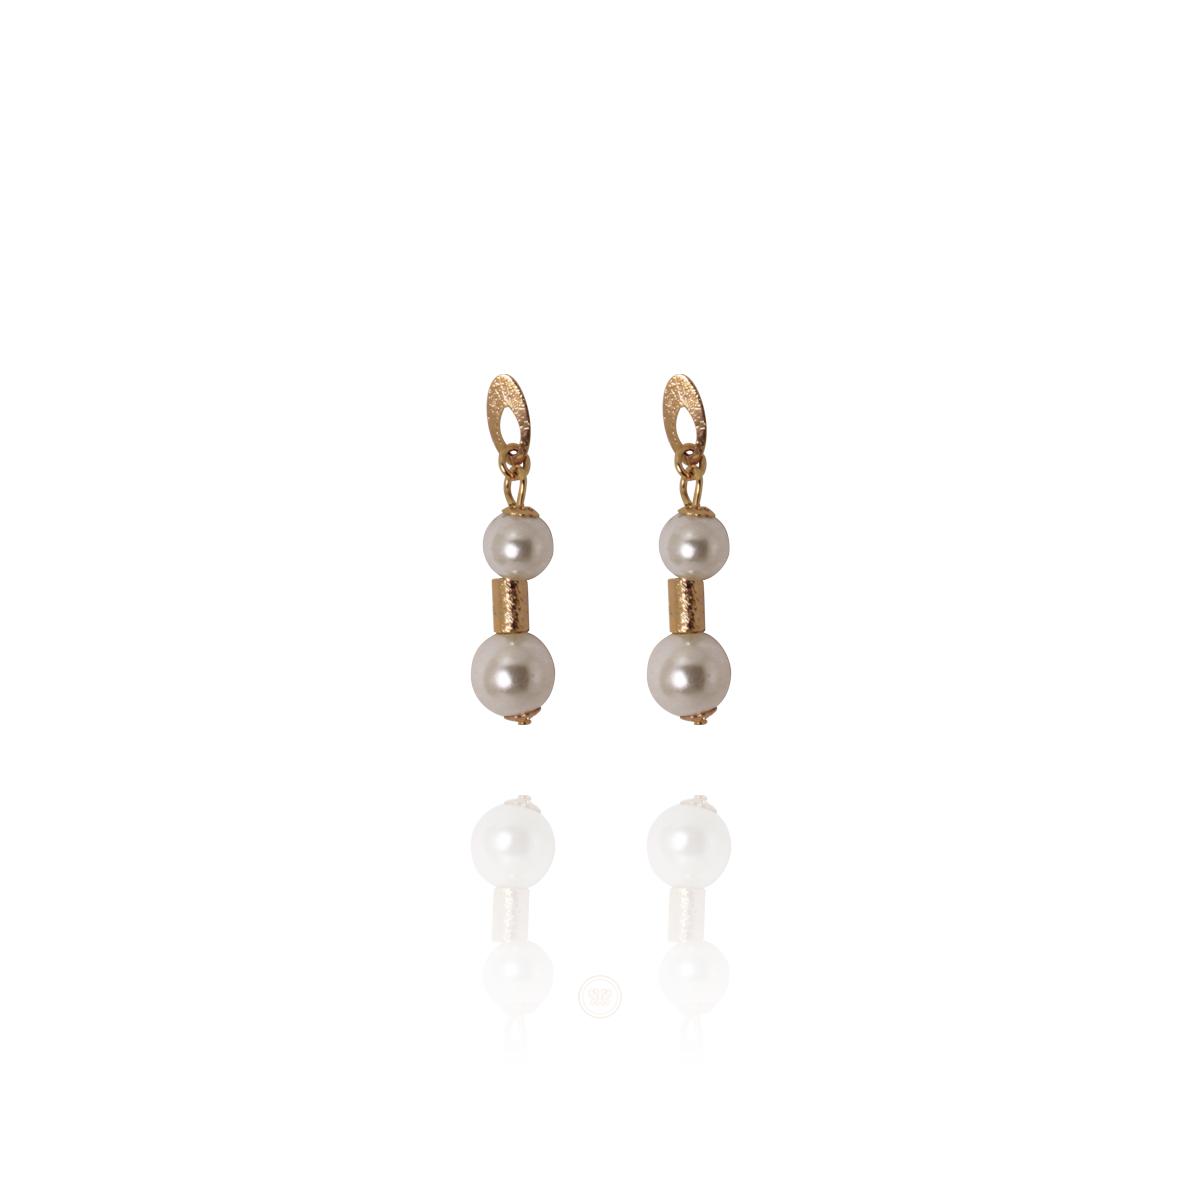 Brinco Barbara Strauss Semi Joia Oss Em Pérola Lalique, Rev. Em Ouro 18K